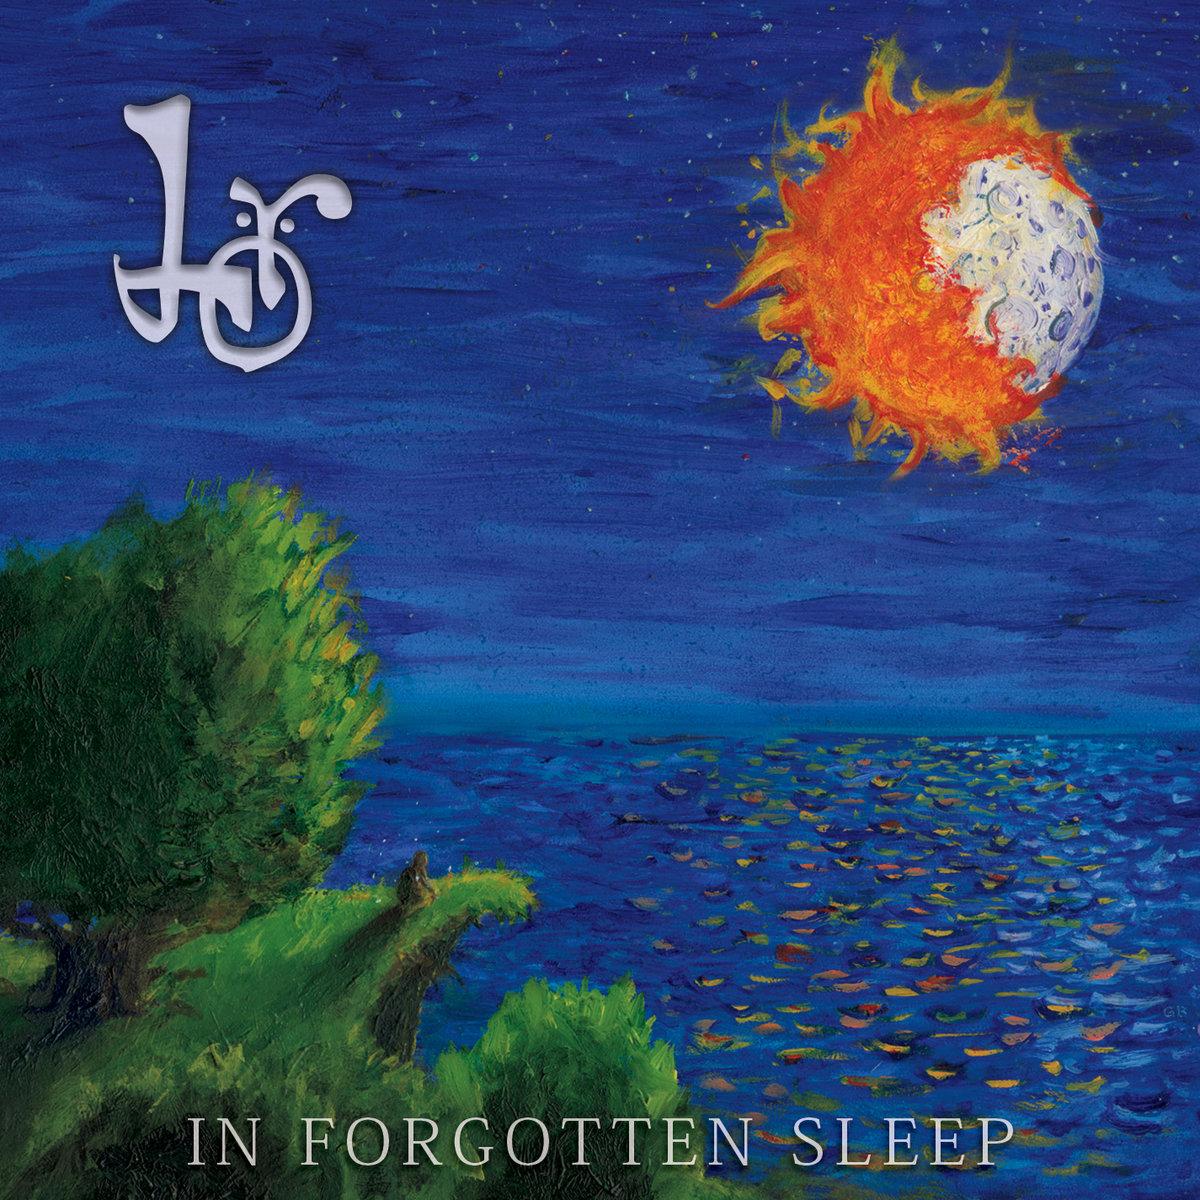 Lör: In Forgotten Sleep